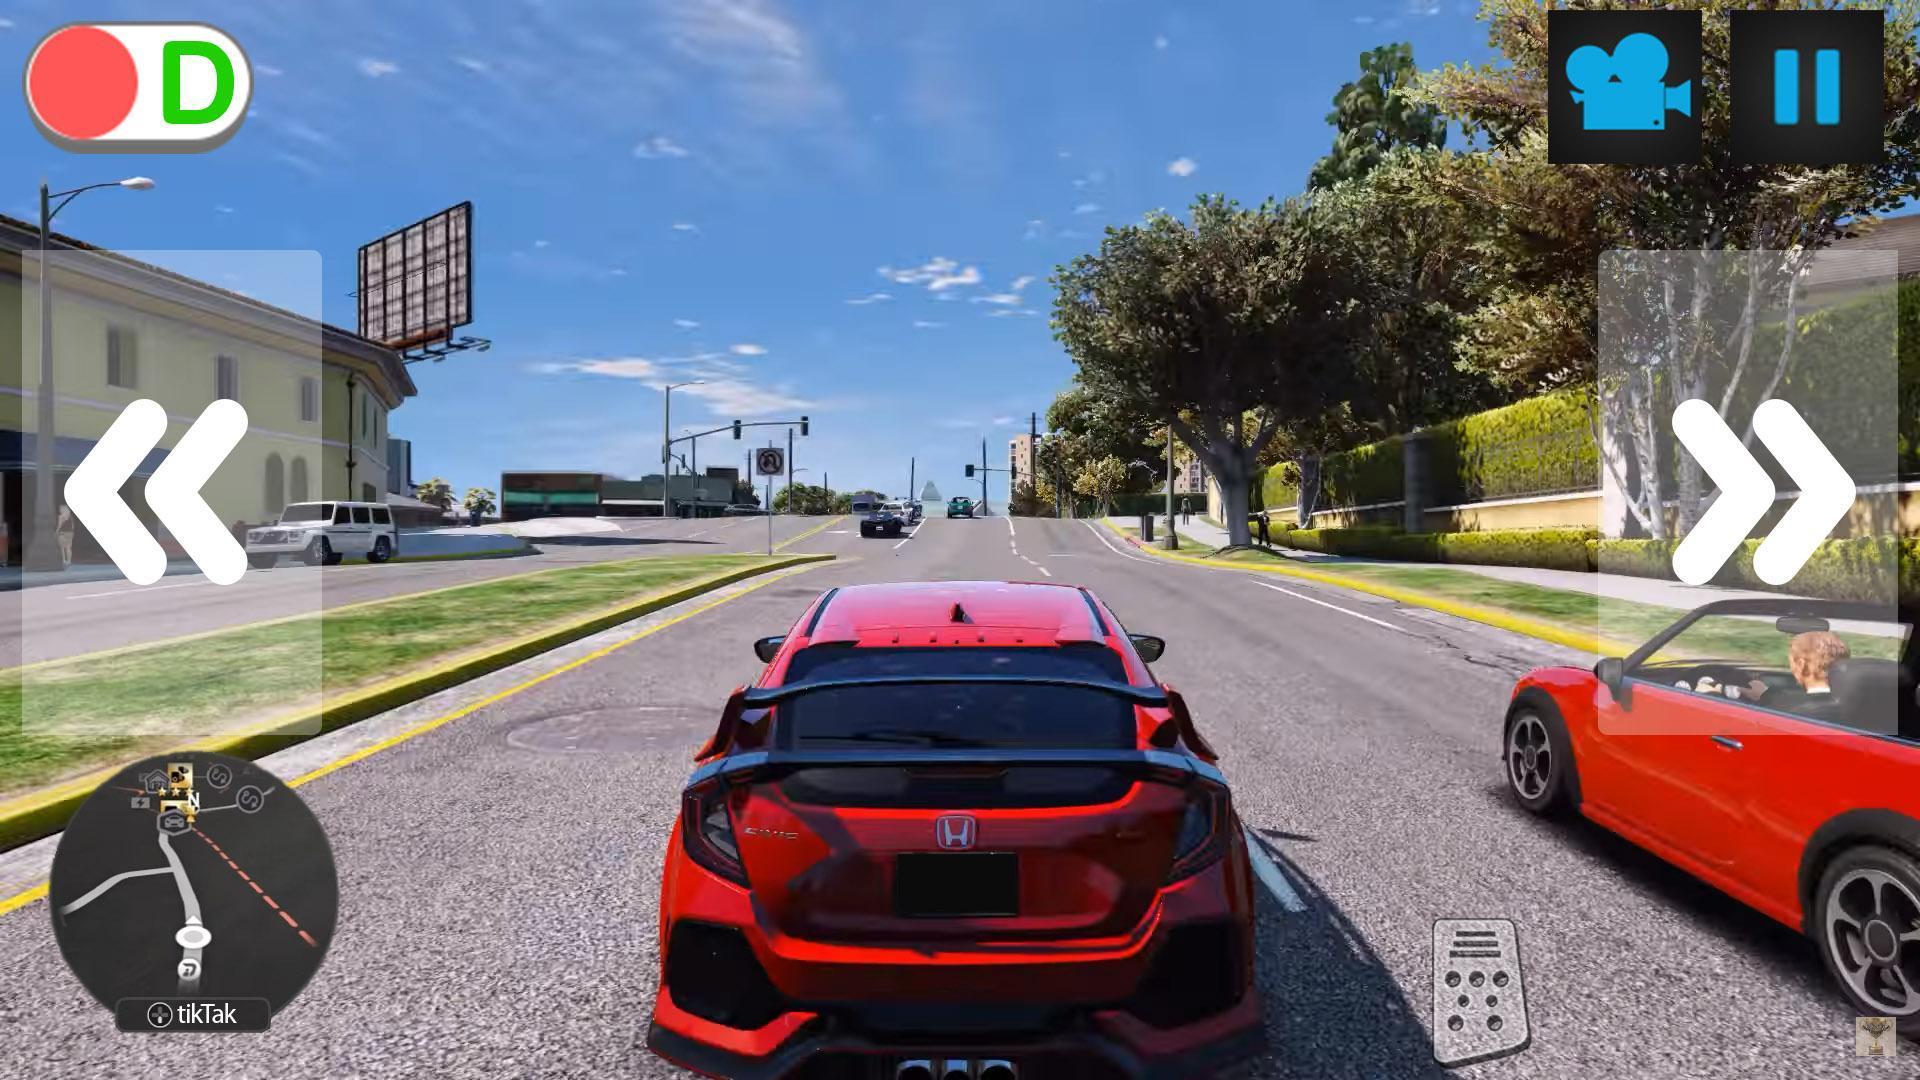 770 Civic Car Games Gratis Terbaik